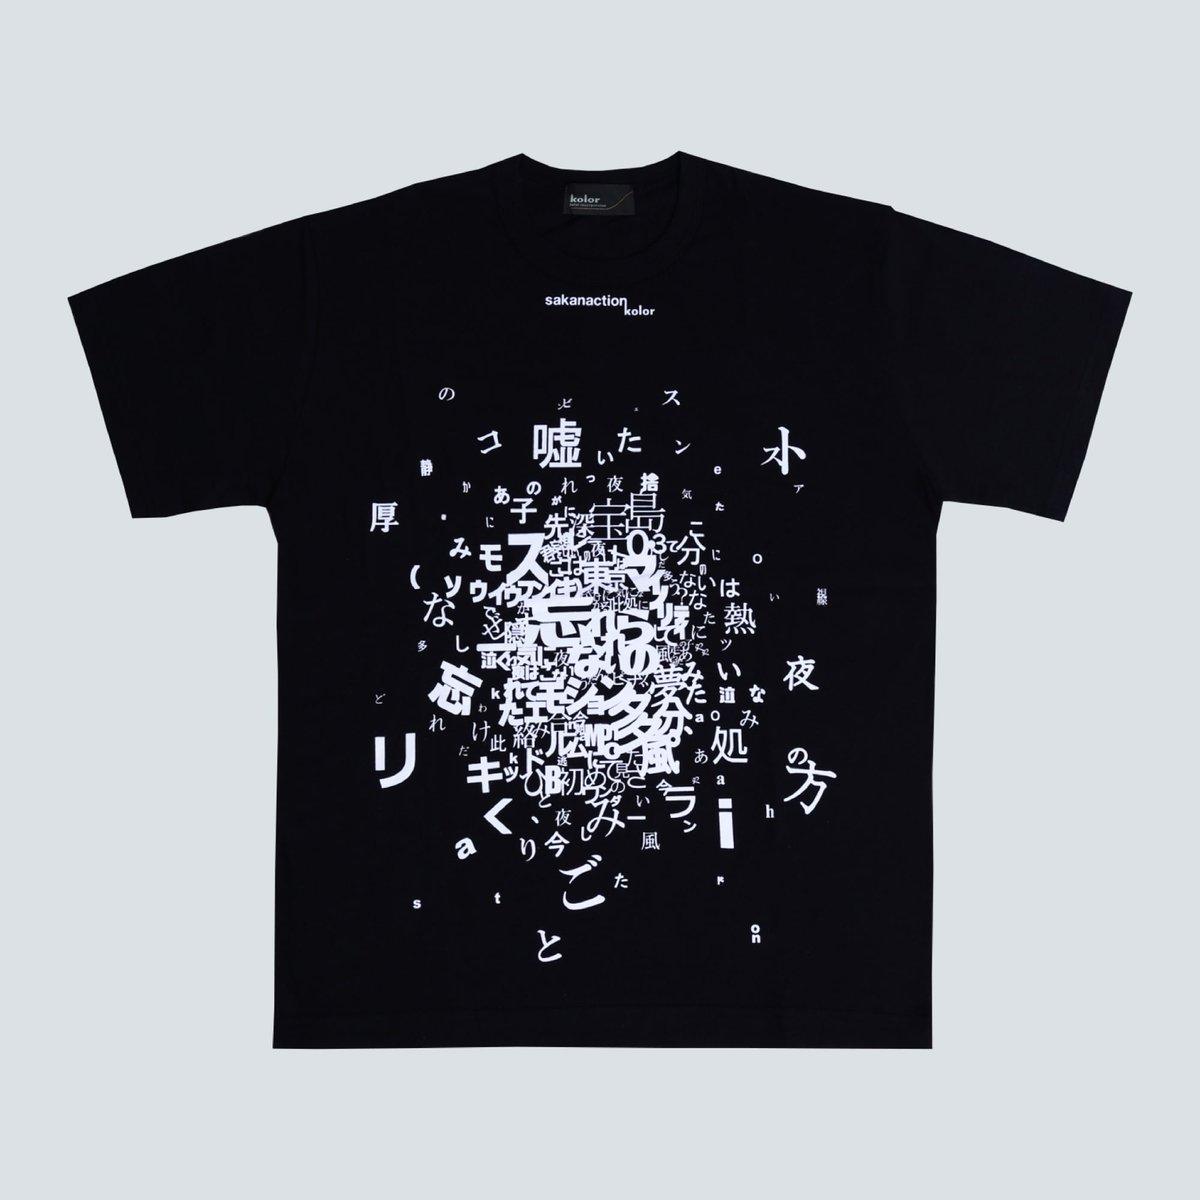 サカナクションのツアーTシャツを「カラー」が製作。オンライン限定で抽選販売します。 @SAKANAICHIRO